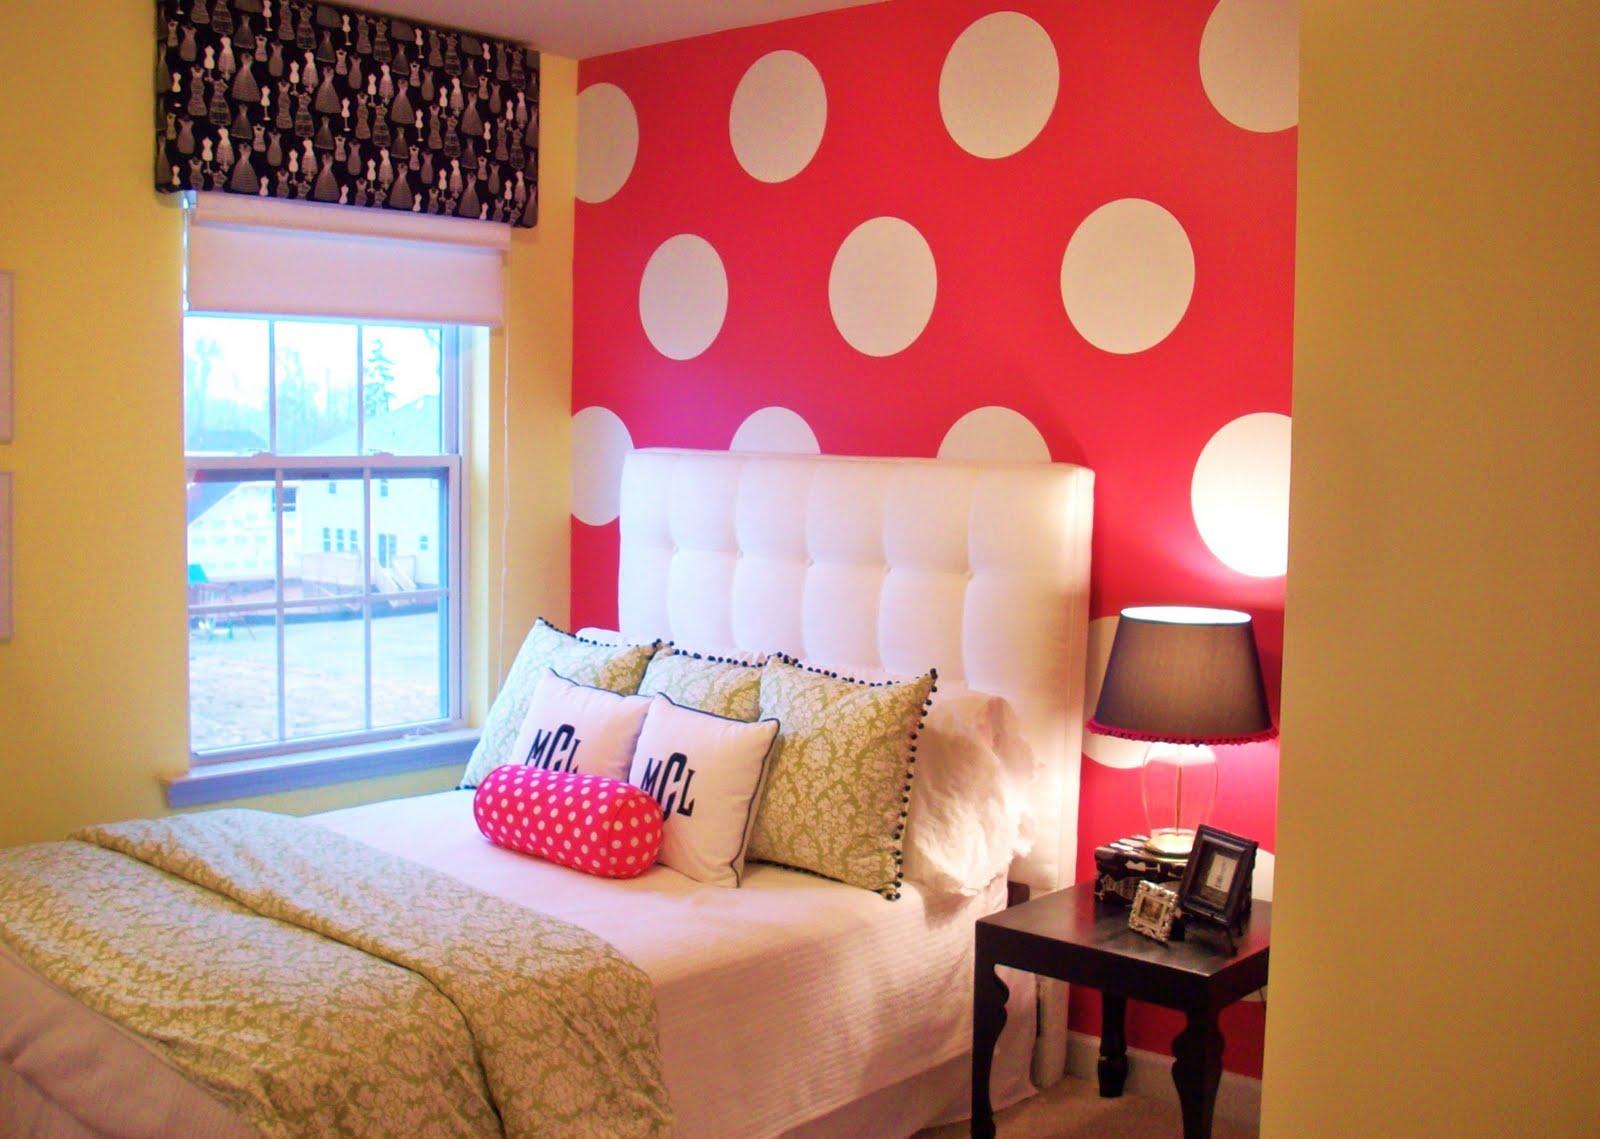 خلفية جدارية مميزة باللون الوردى